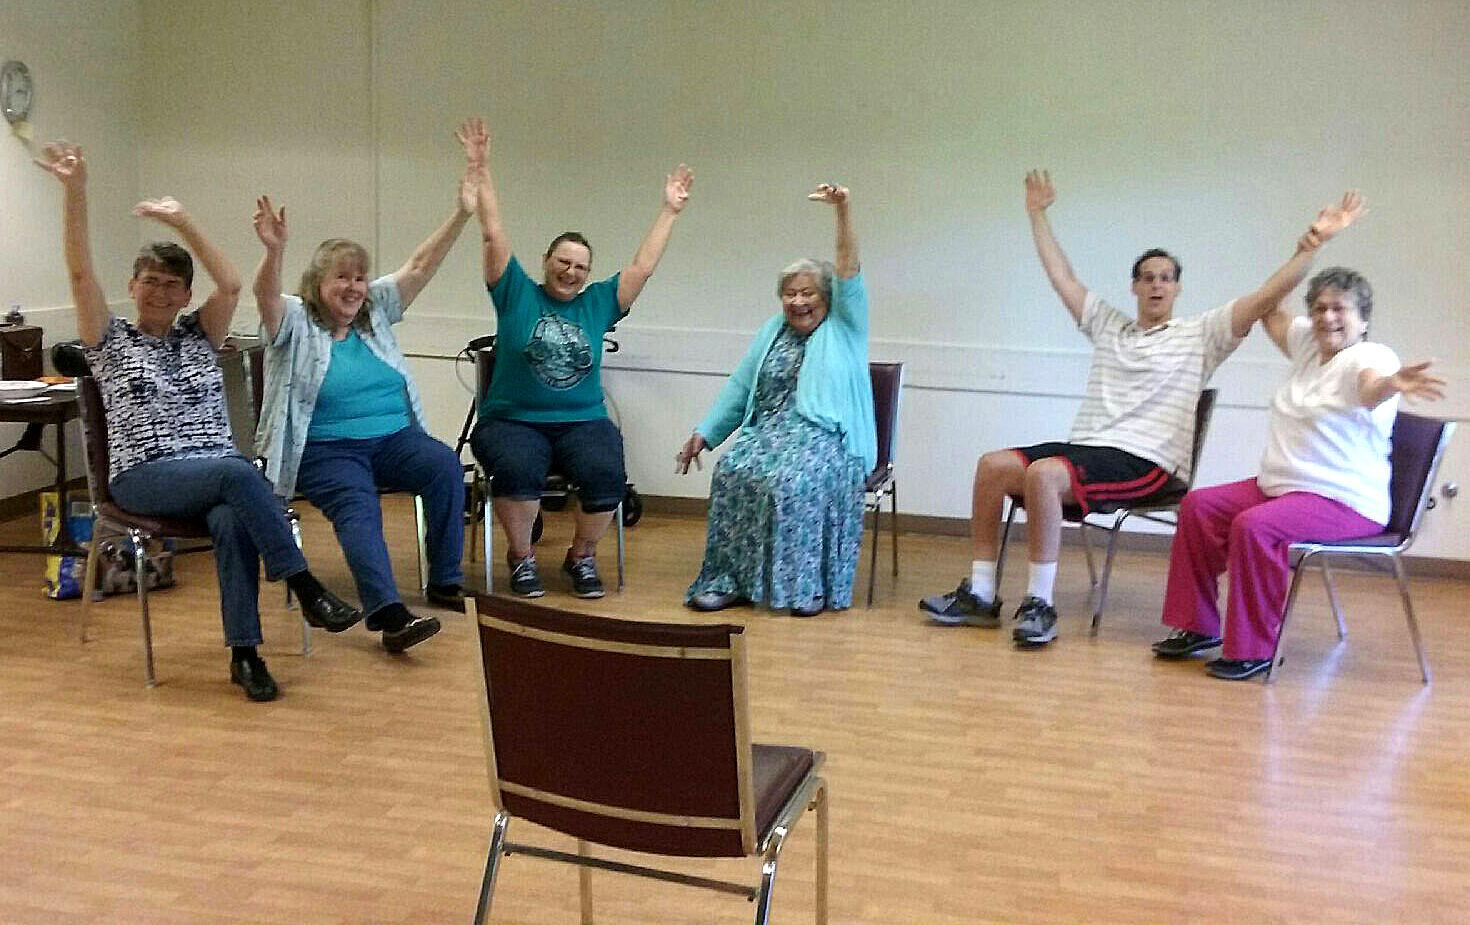 16-6-6-chair-dance-class-a.jpg